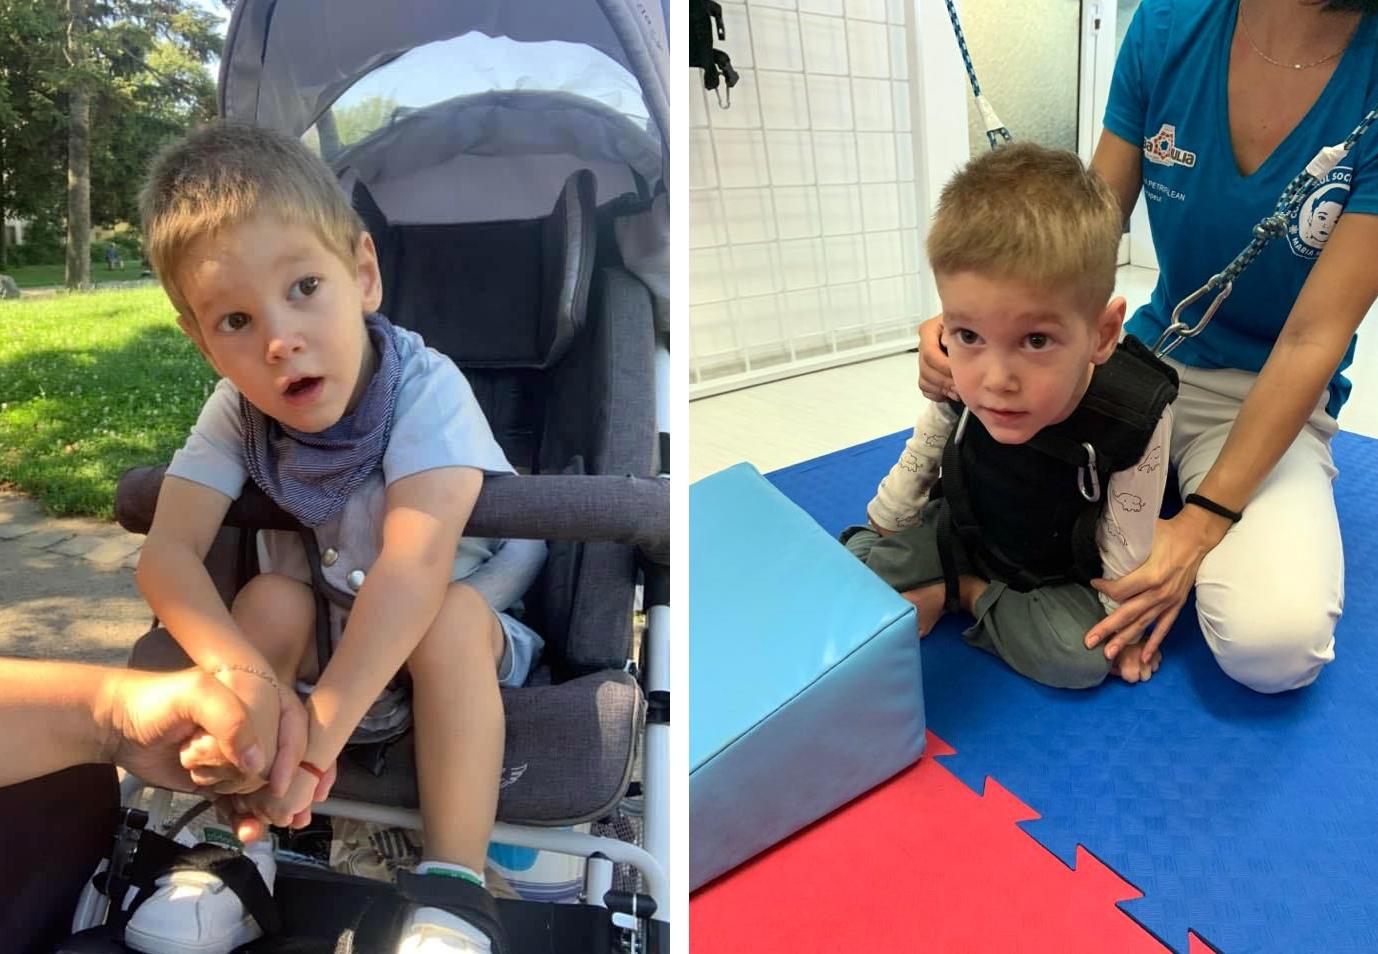 Șansele lui Erik Andrei pentru o viață normală costă mulți bani: Băiatul de doar 3 ani are nevoie de ajutor